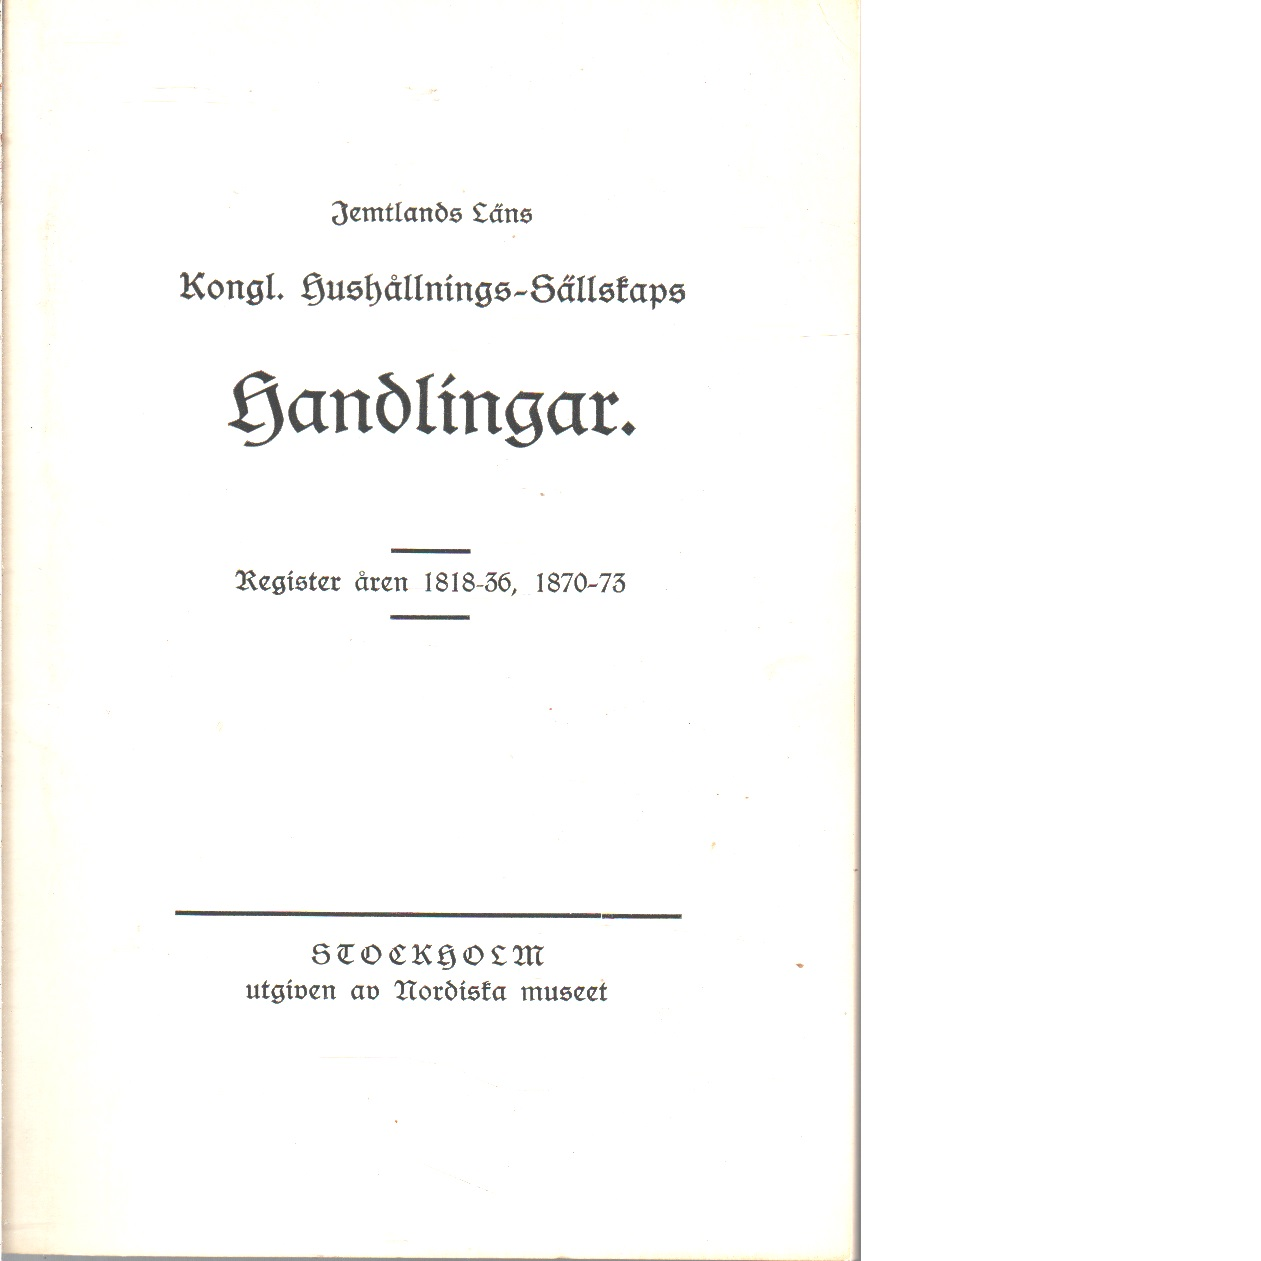 Jämtlands läns hushållningssällskaps handlingar. Register. 1818-1836, 1870-1873  - Red. Ohlson, Ragnar och Holmstedt, Anders